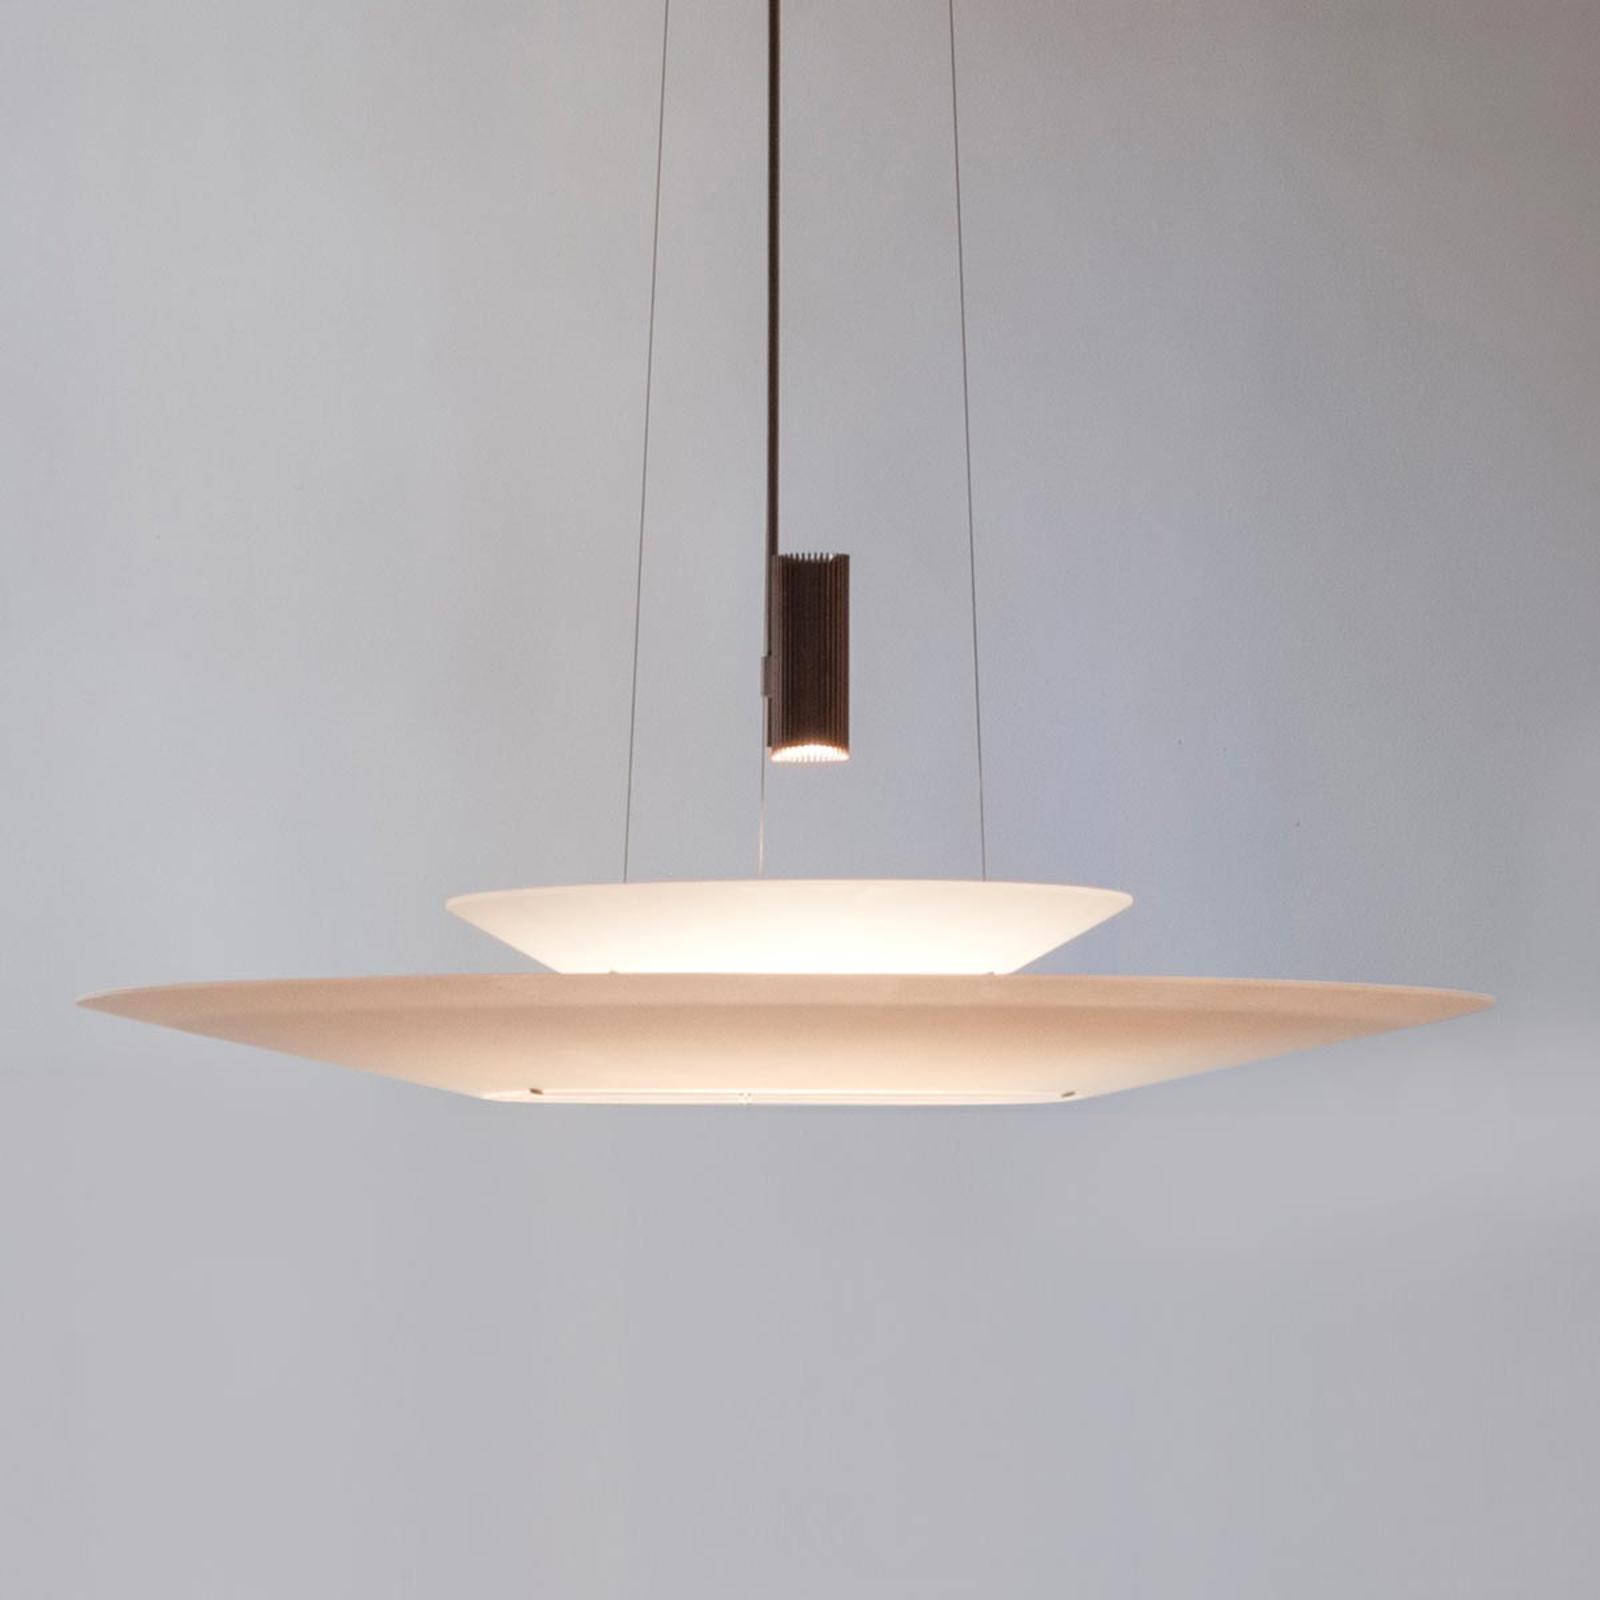 Usædvanlig LED hængelampe Flamingo